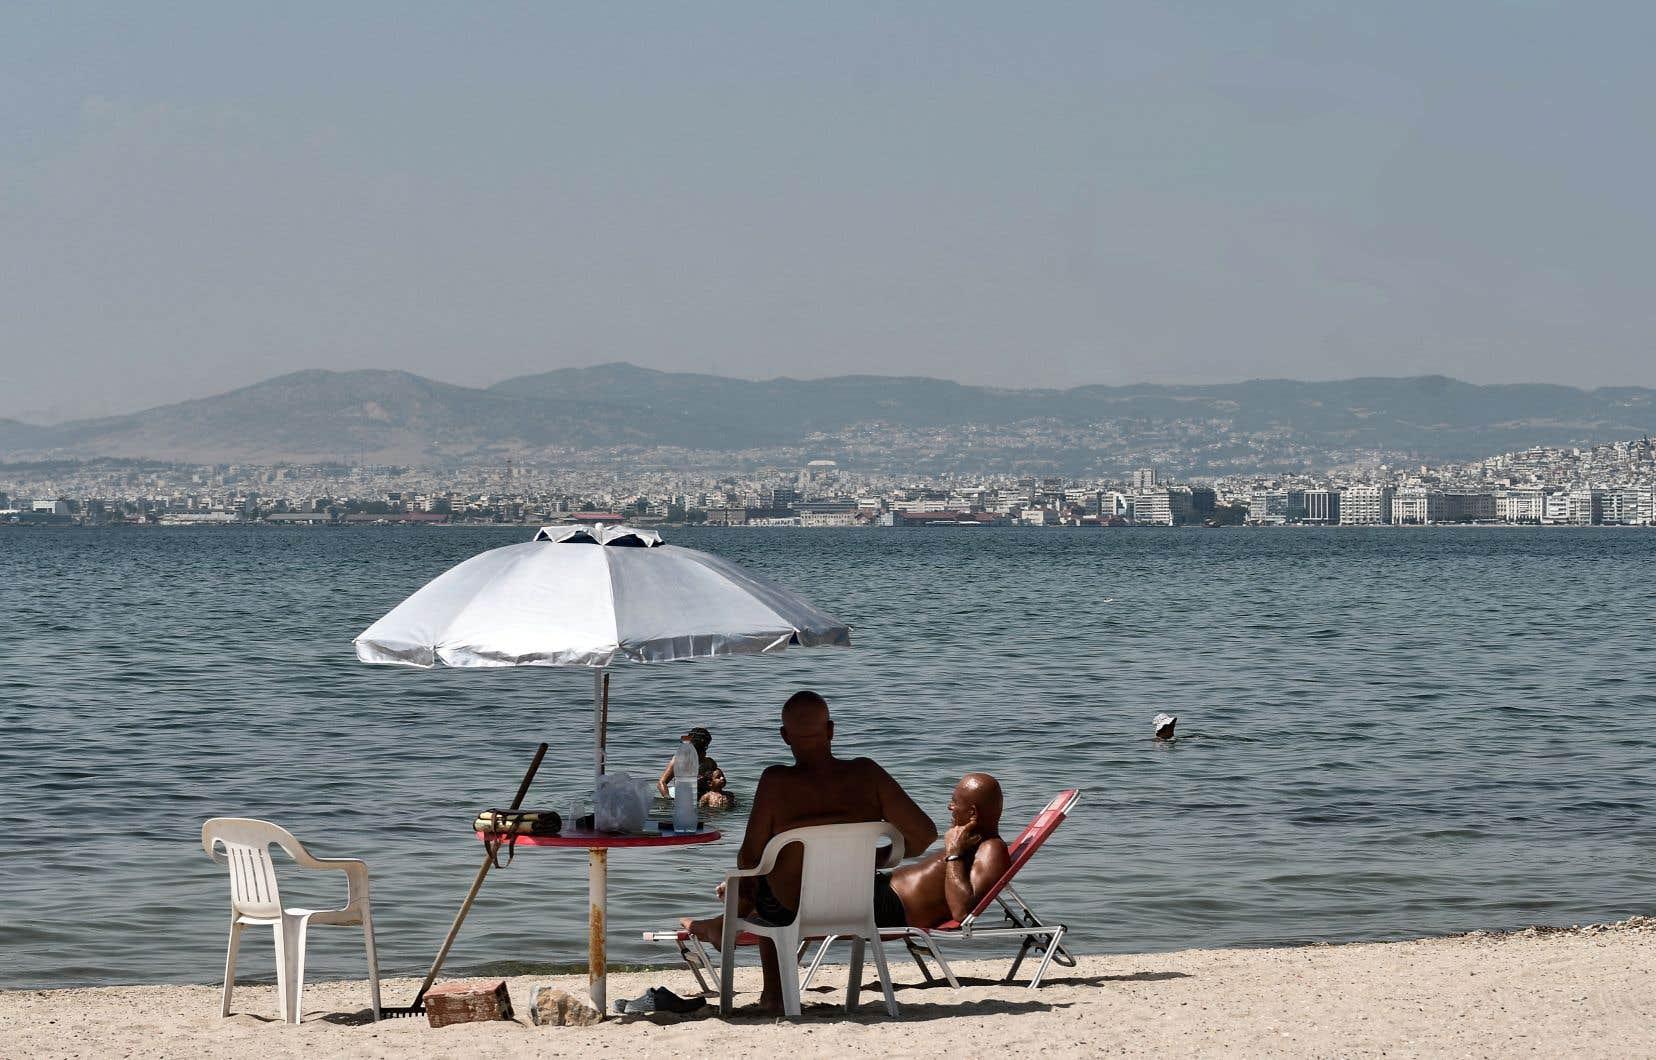 Le mercure a surpassé les 40℃ dans plusieurs régions, notamment en Grèce.